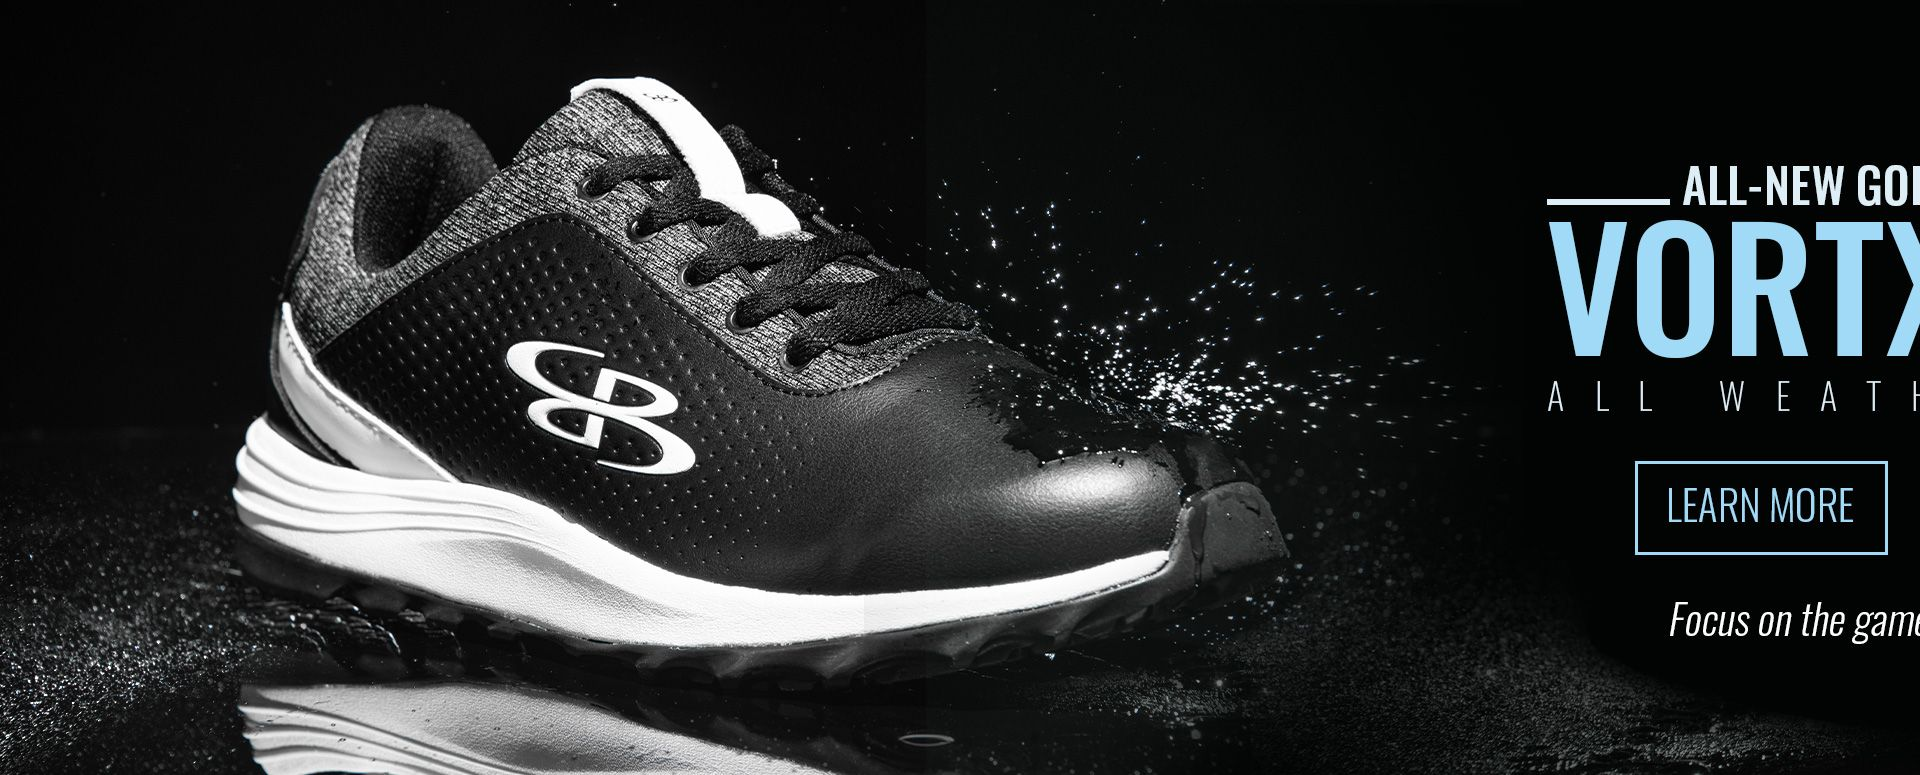 All-New Golf Footwear - Vortx AWR - Shop Now